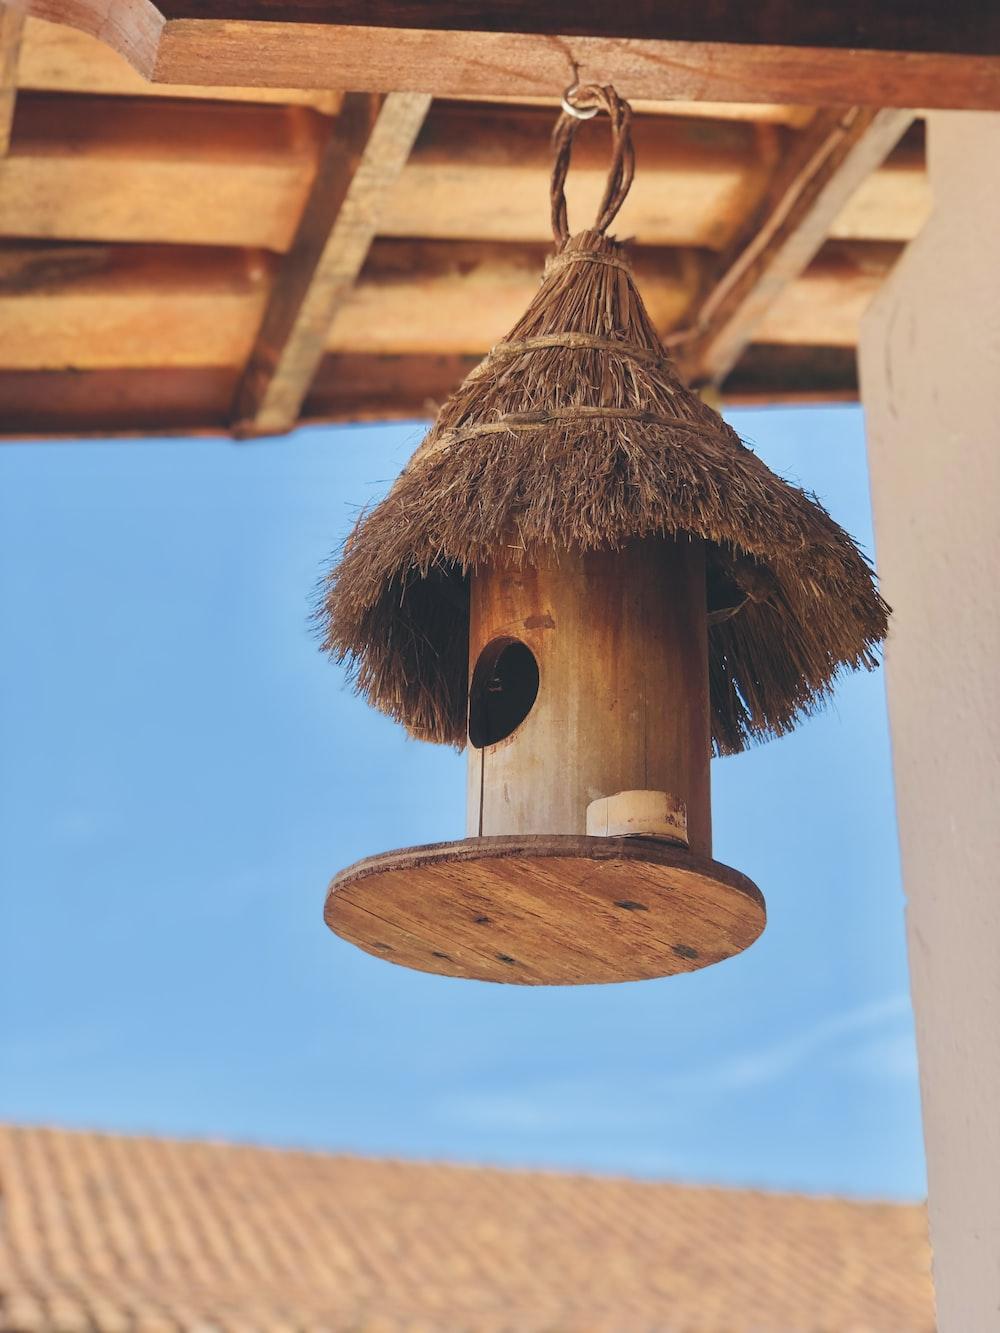 brown bird feeder during daytime